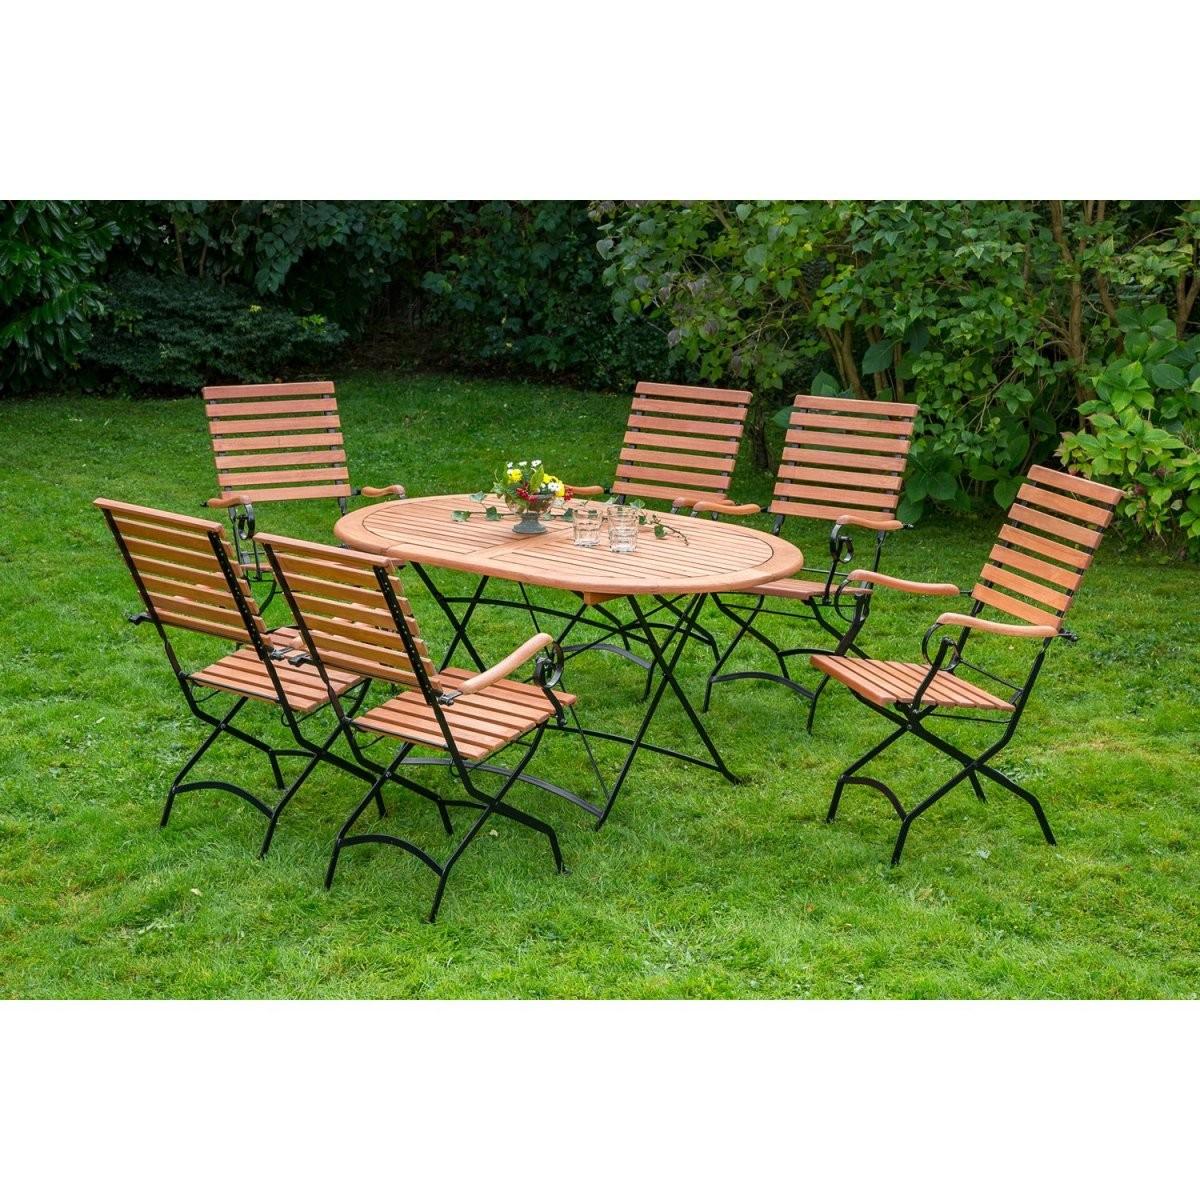 Bewiesen Schöne Gartenmöbel Online Kaufen Bei Obi von Villeroy Und Boch Gartenmöbel Photo